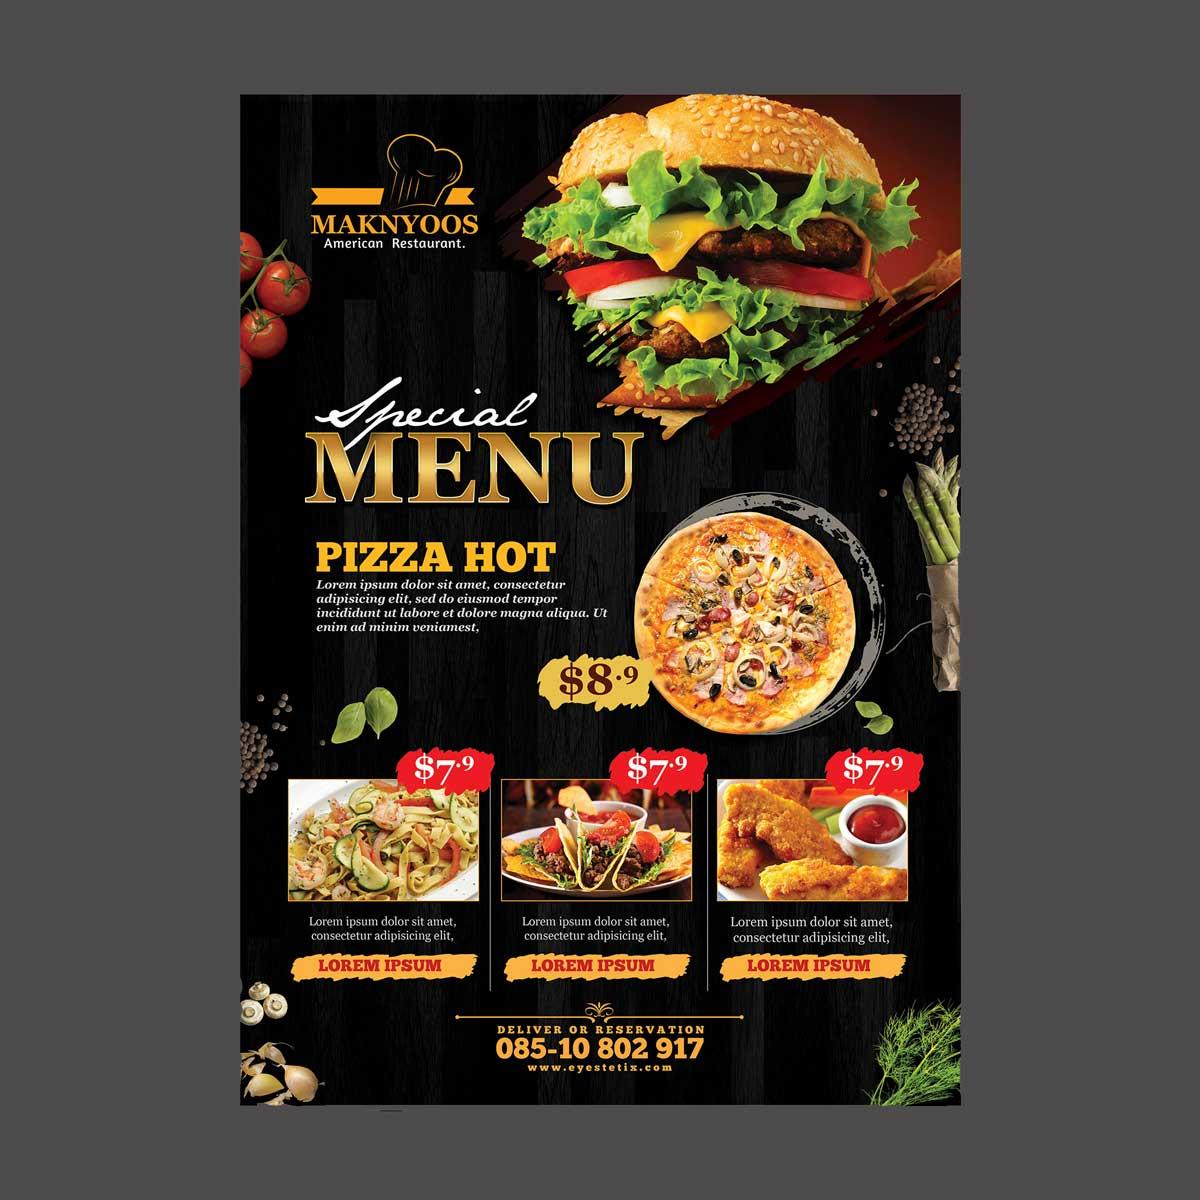 Flyers para restaurantes con diseño profesional y material de calidad.